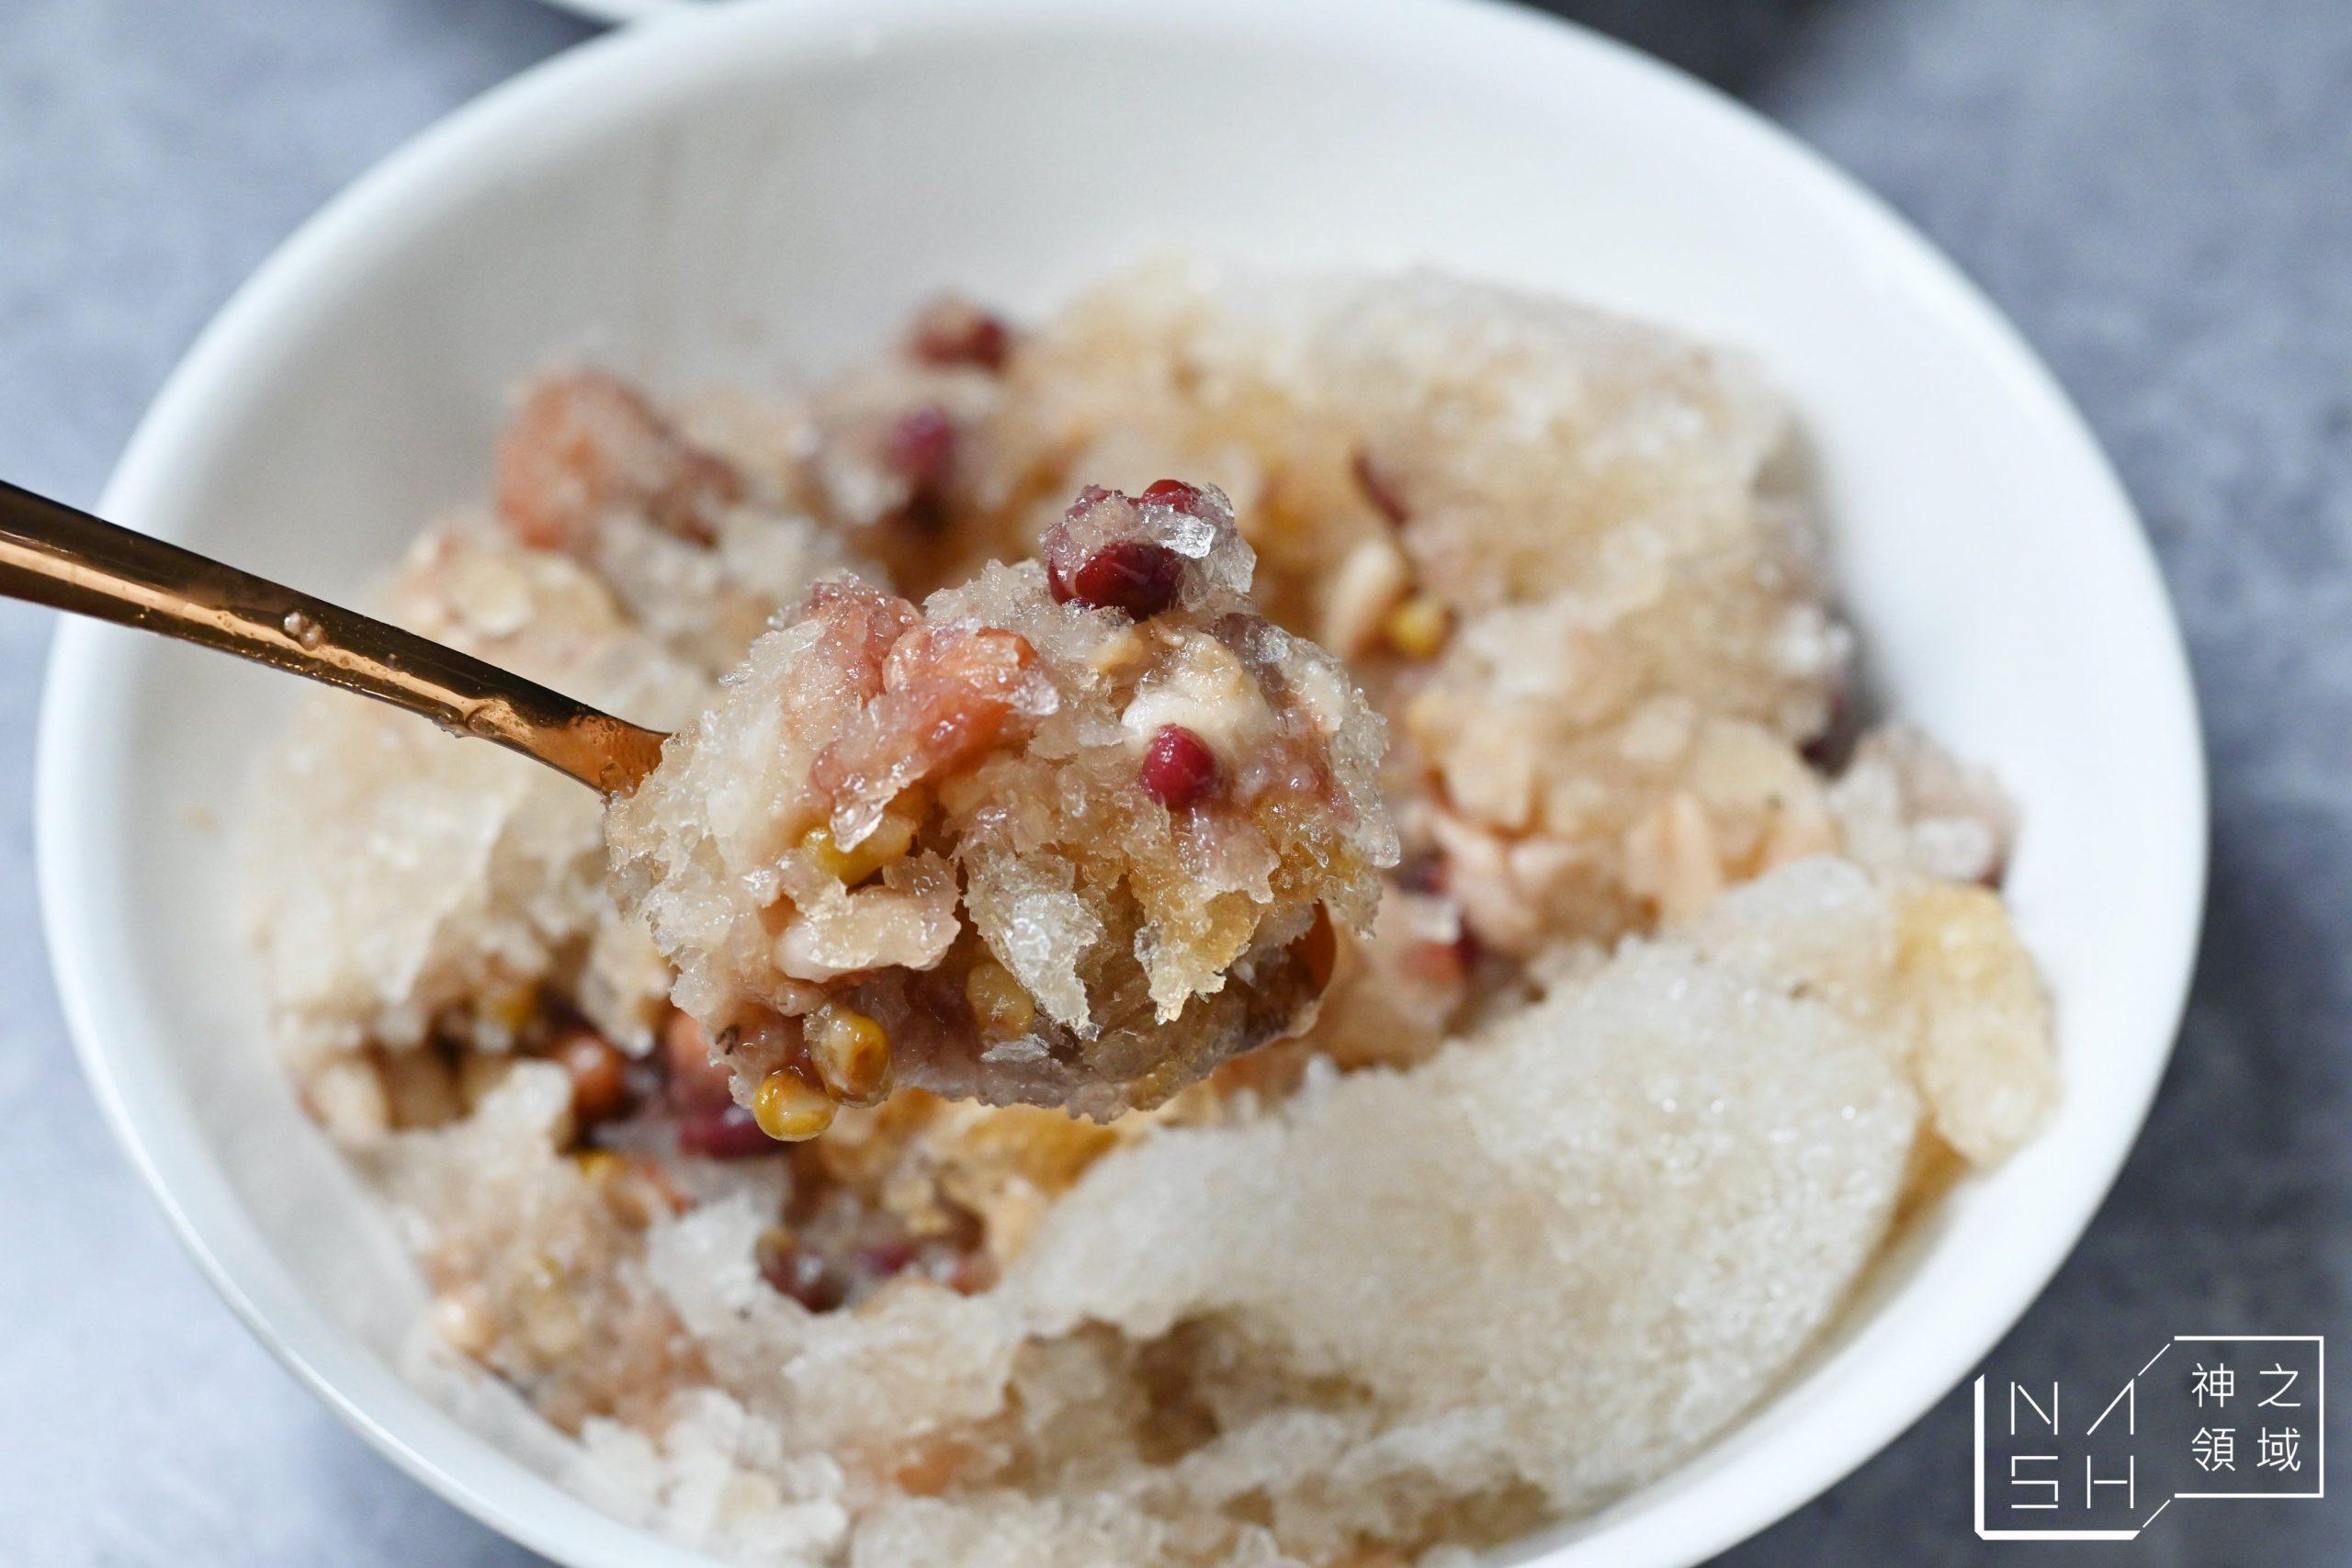 北投巧涼古早味冰熱甜品菜單